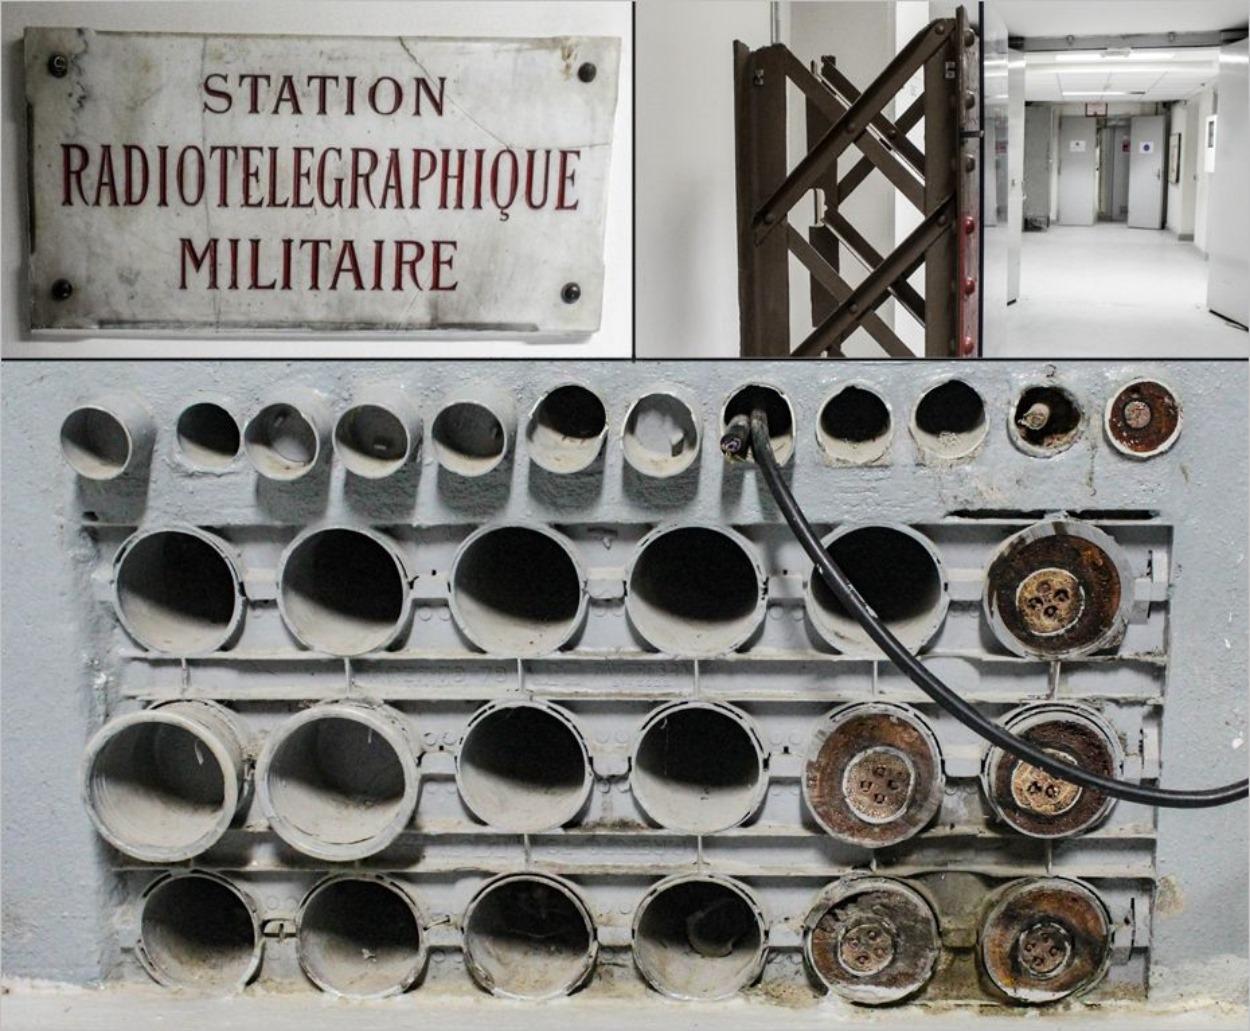 La station radiotélégraphique de la Tour Eiffel